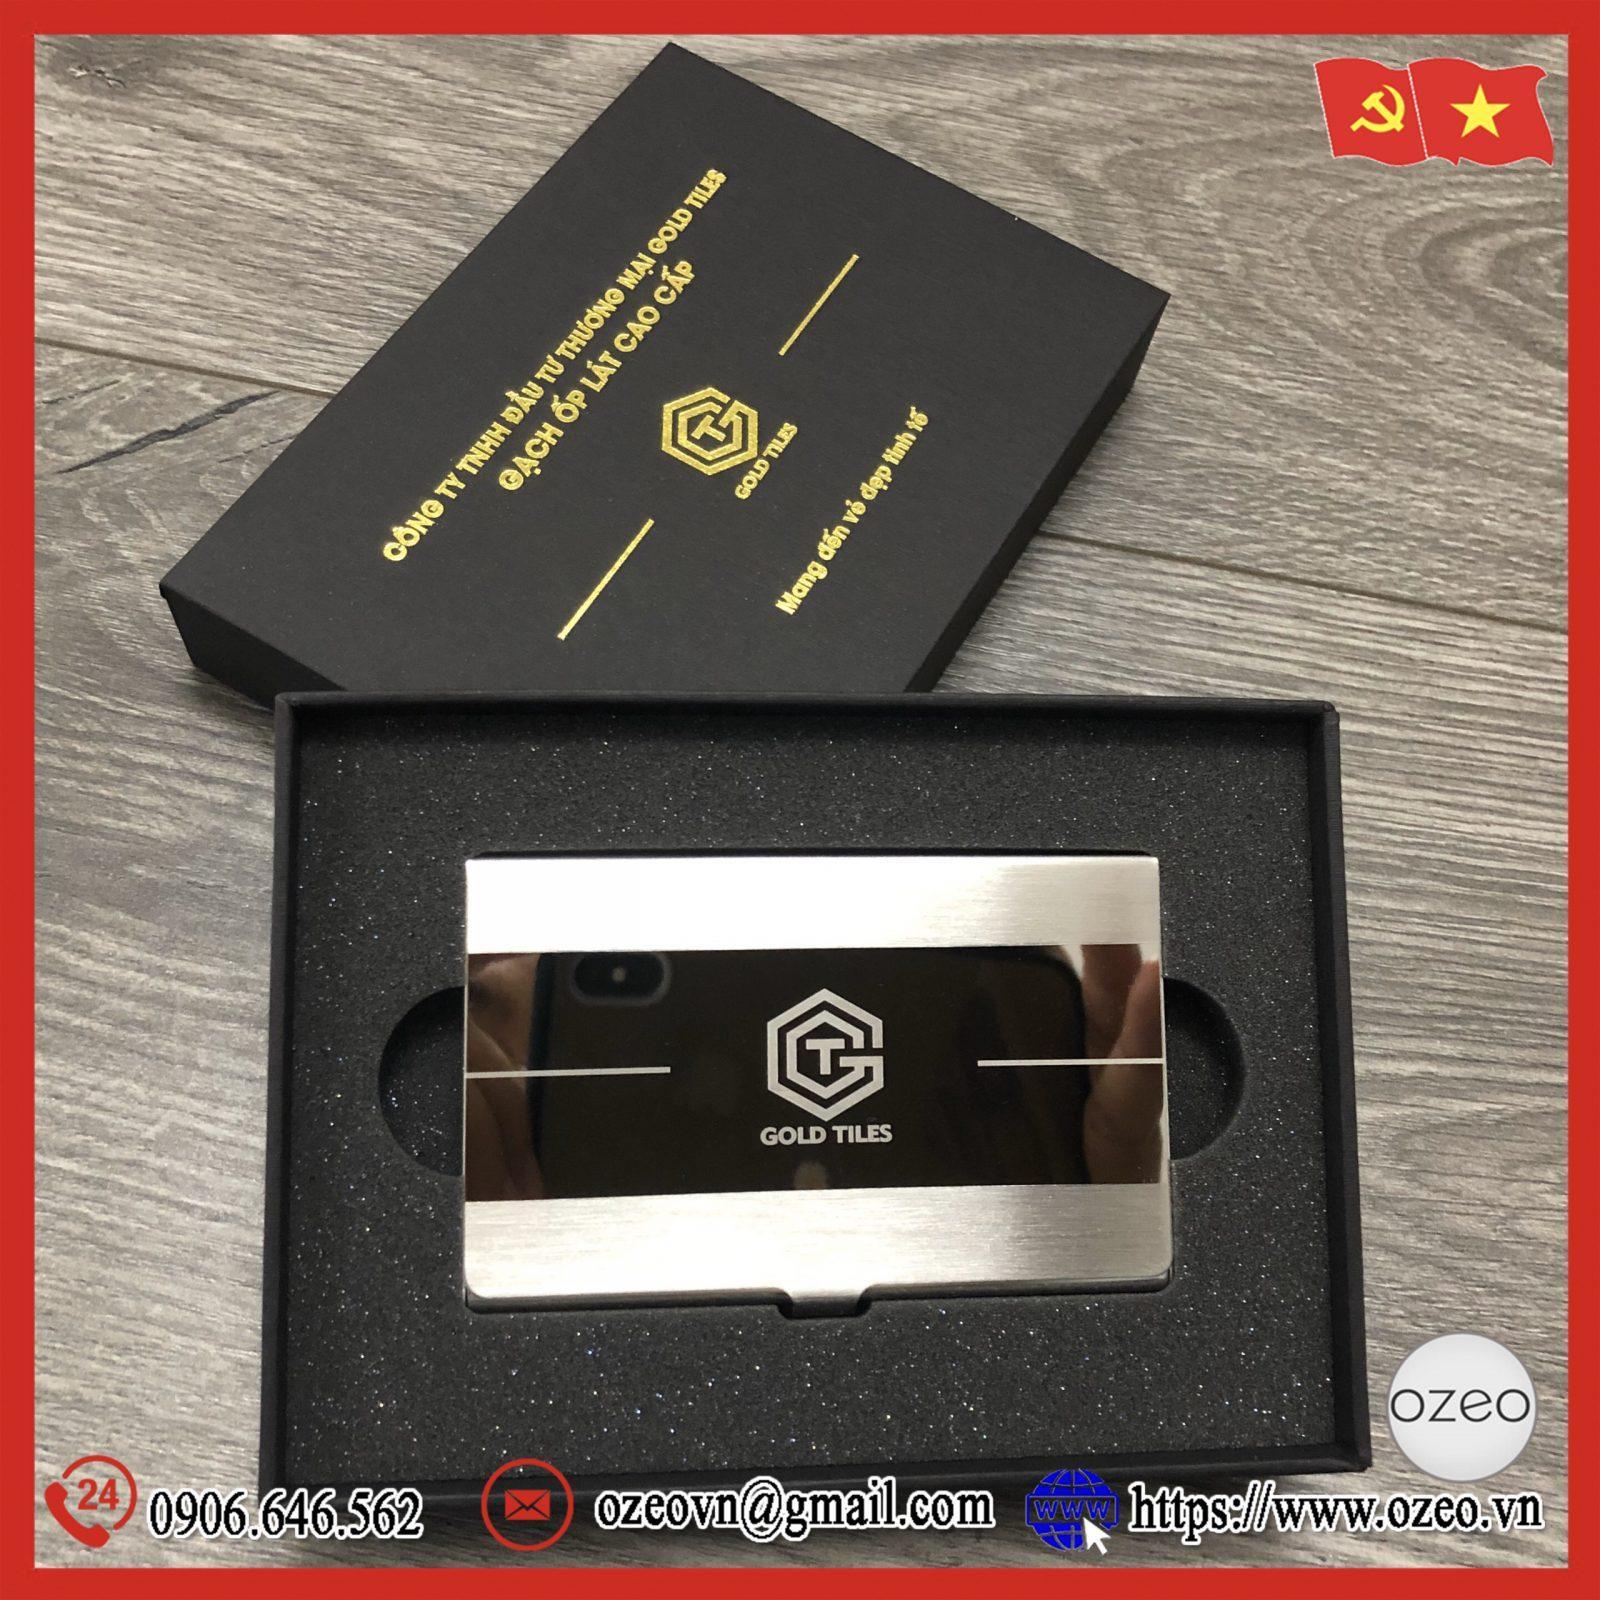 Hộp đựng name card inox NC063 khắc logo Gold Tiles